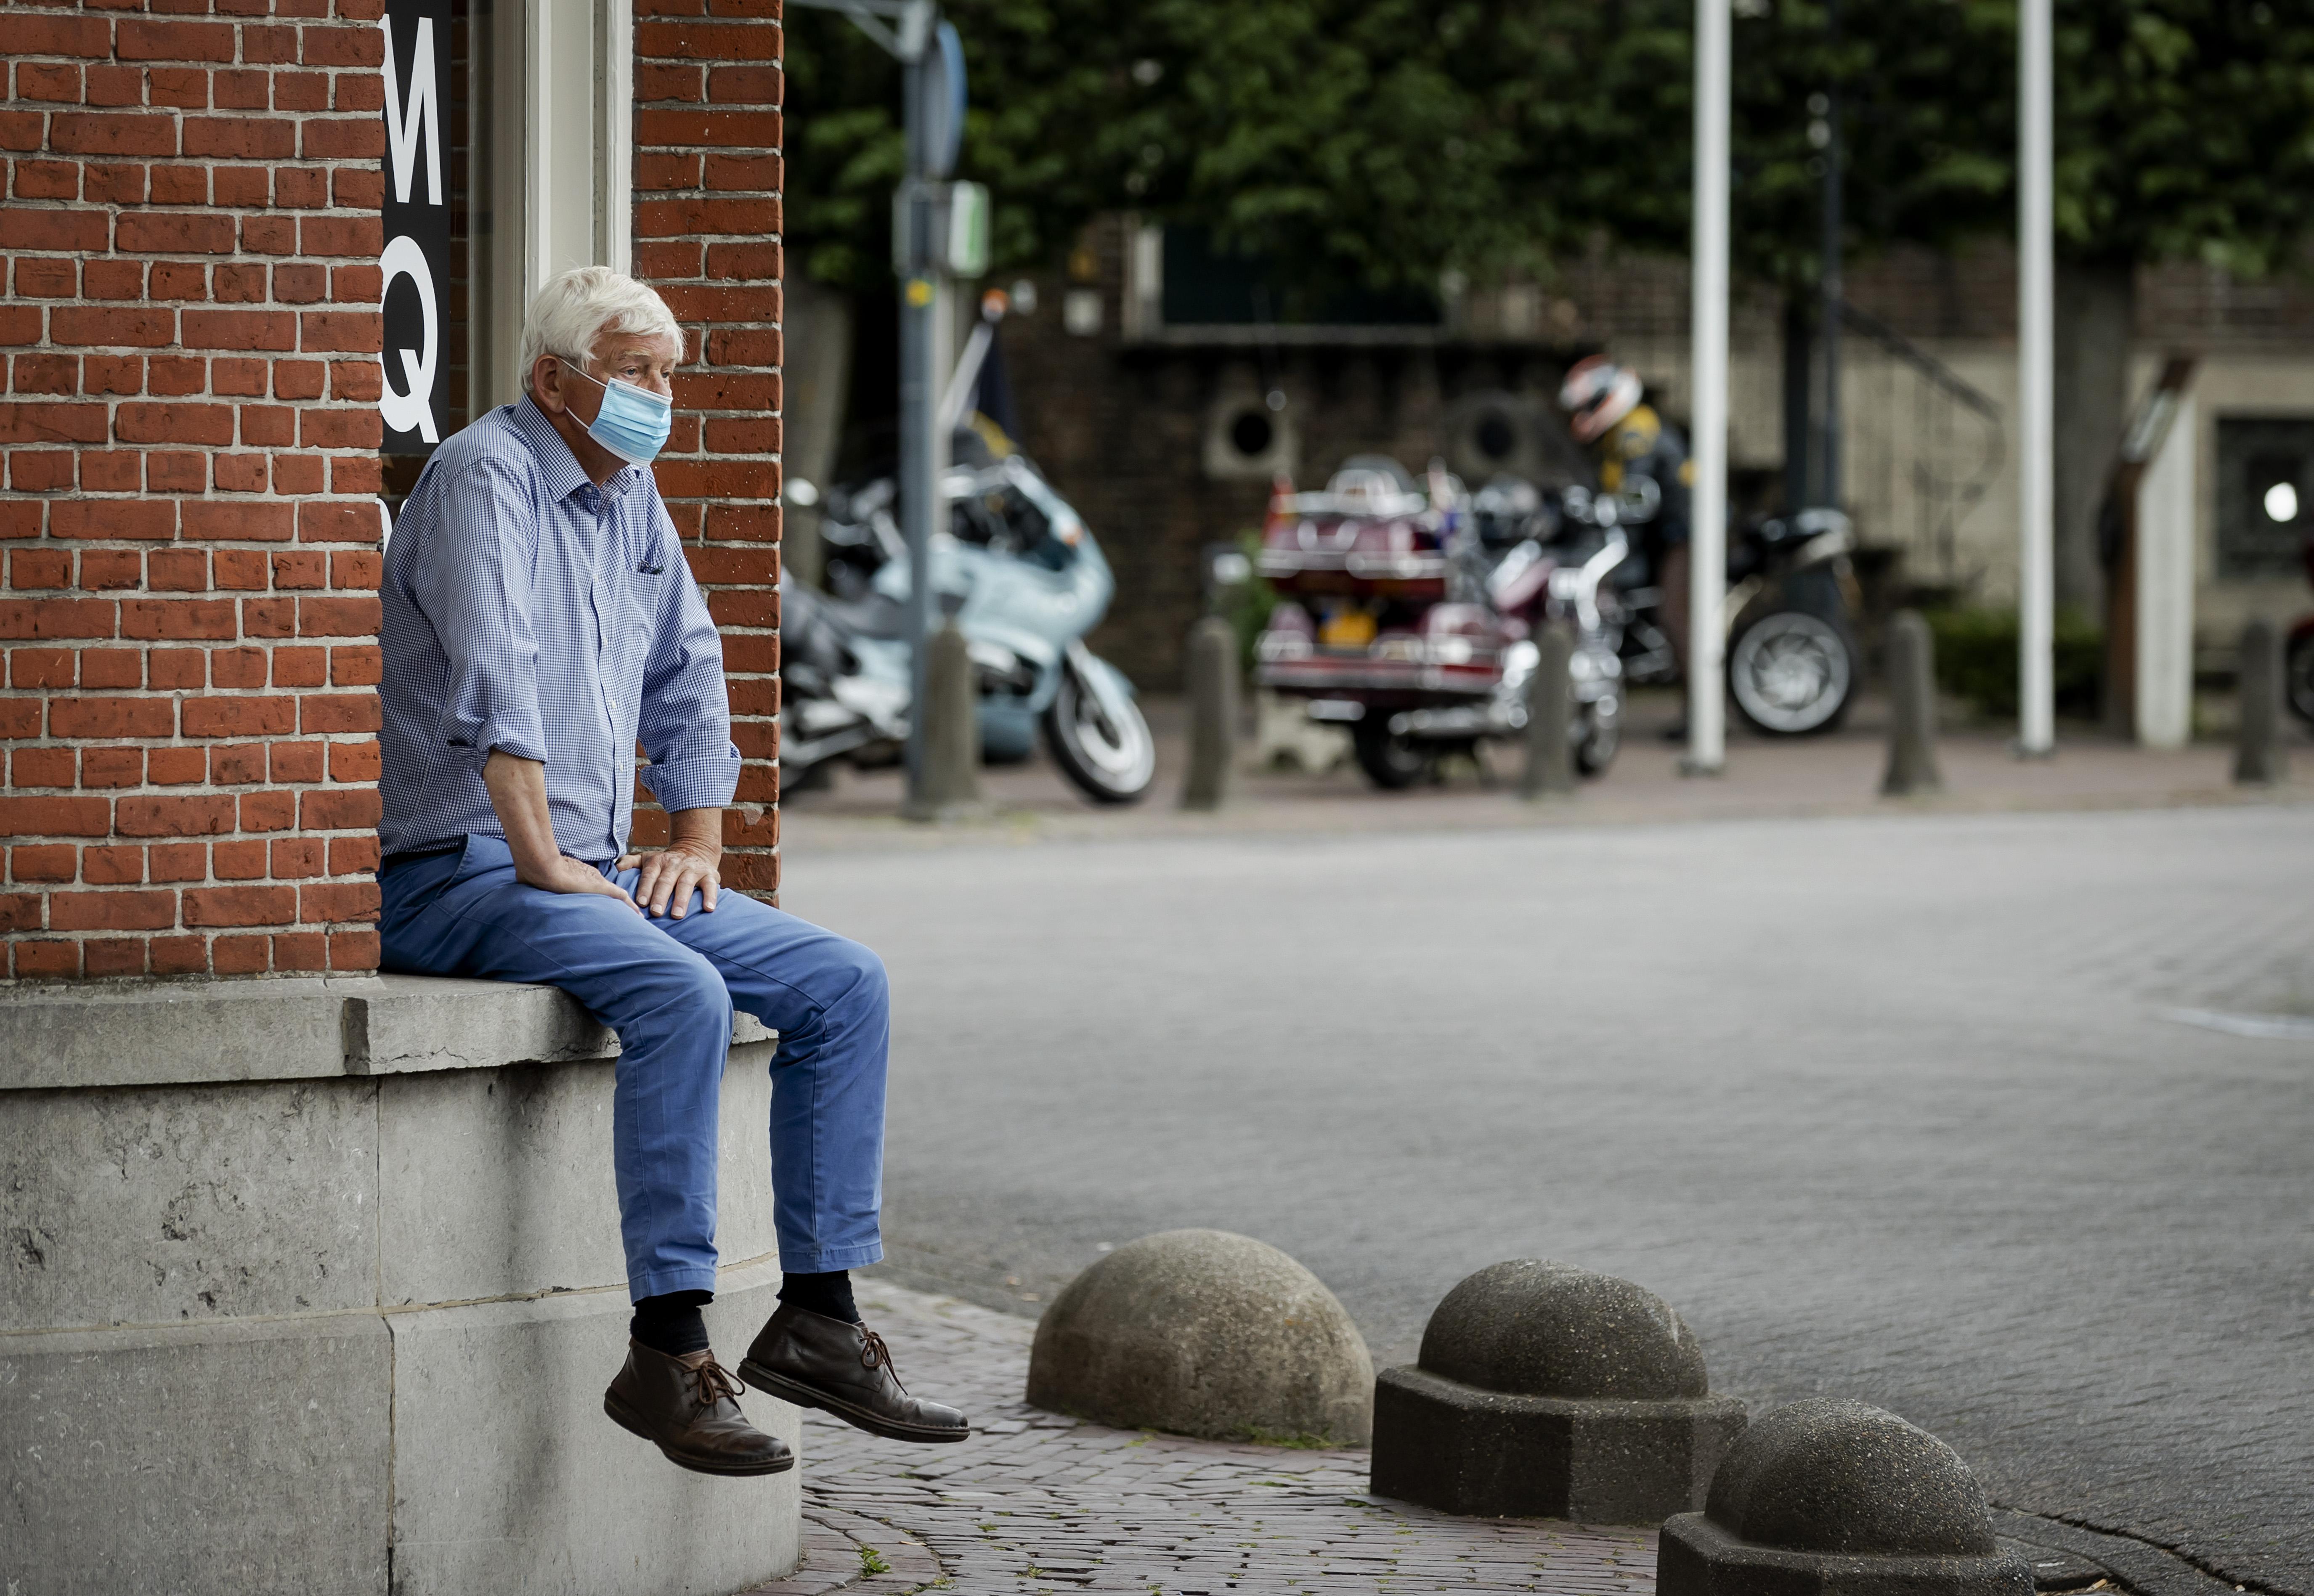 Op deze foto is een oudere man met een mondkapje op te zien.